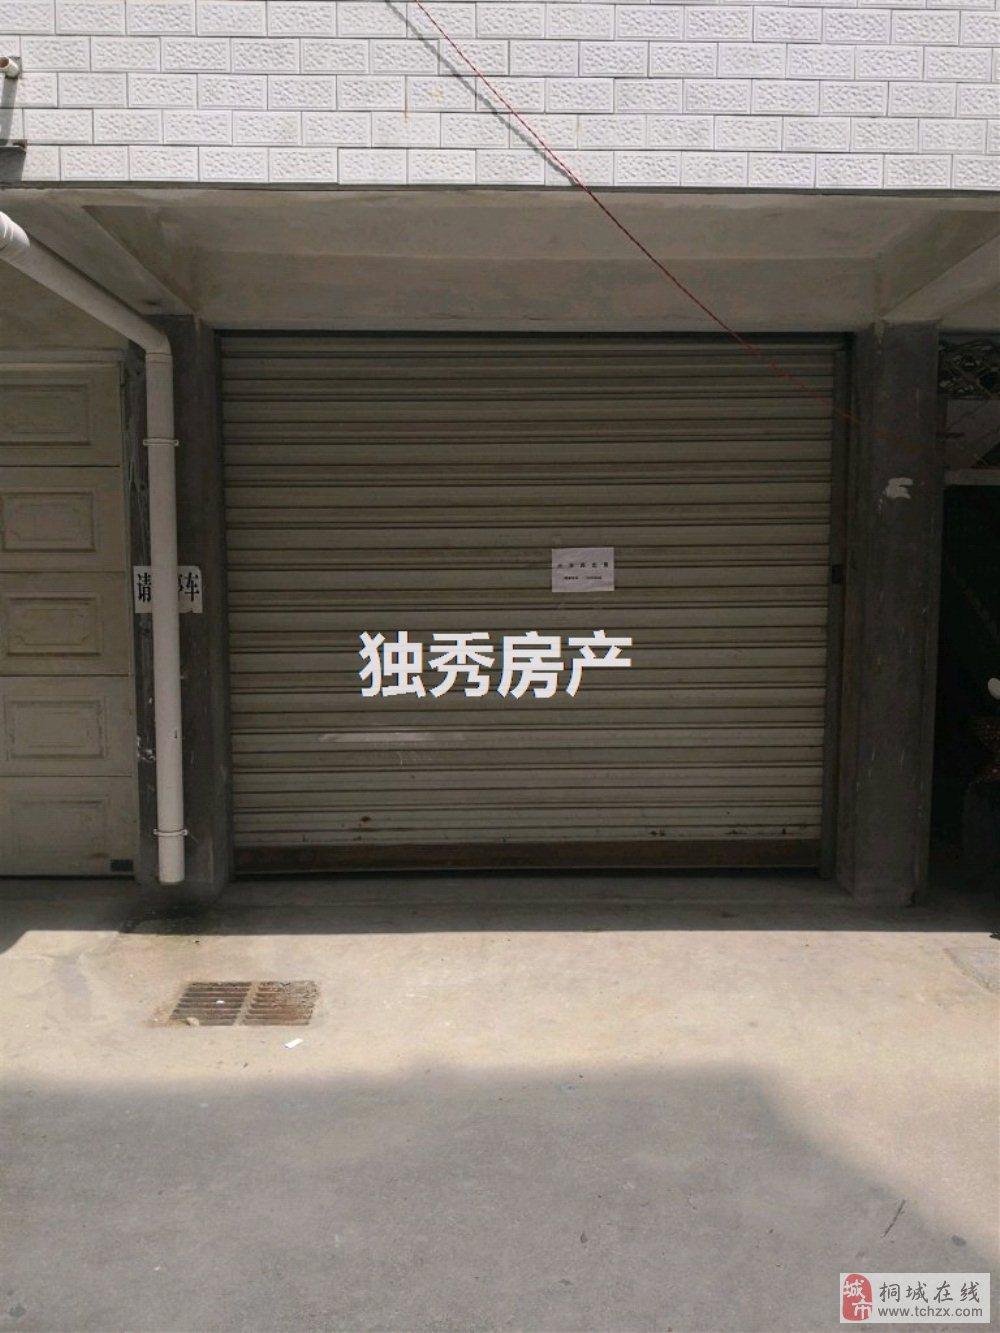 文华苑3室2厅1卫交通方便价格美丽